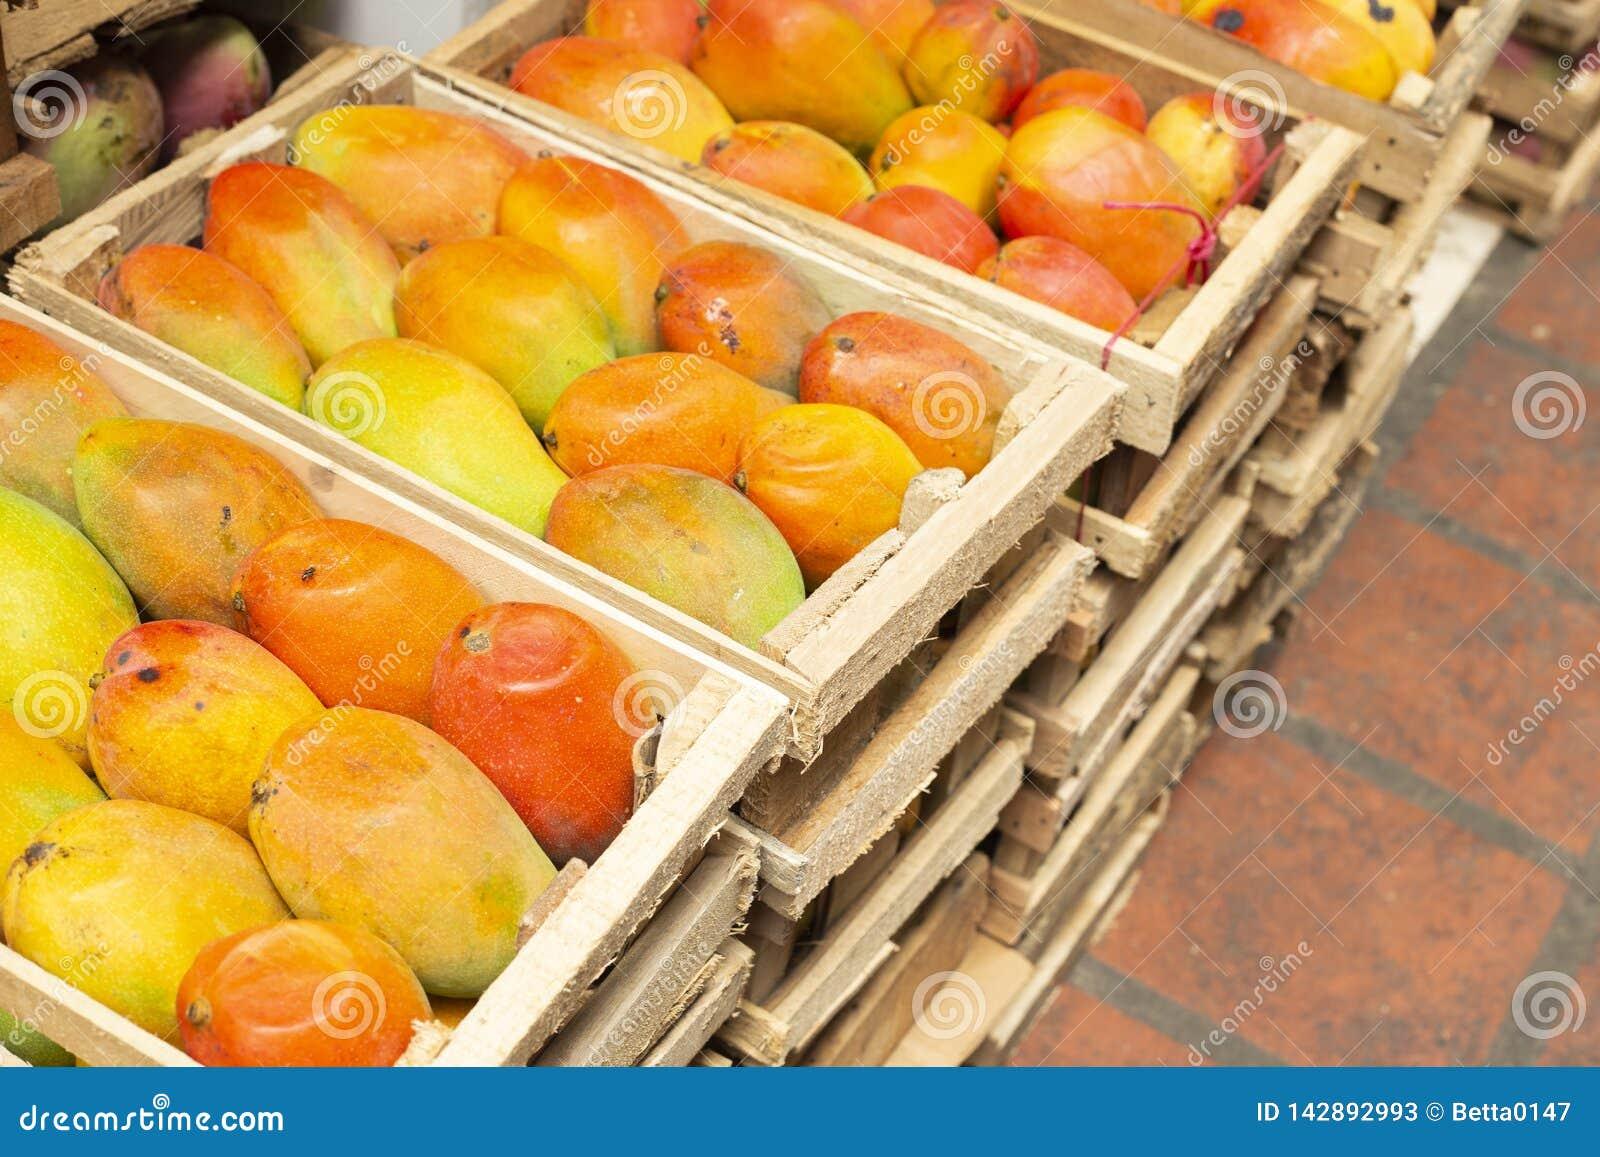 Stapel van mango s in de Columbiaanse markt